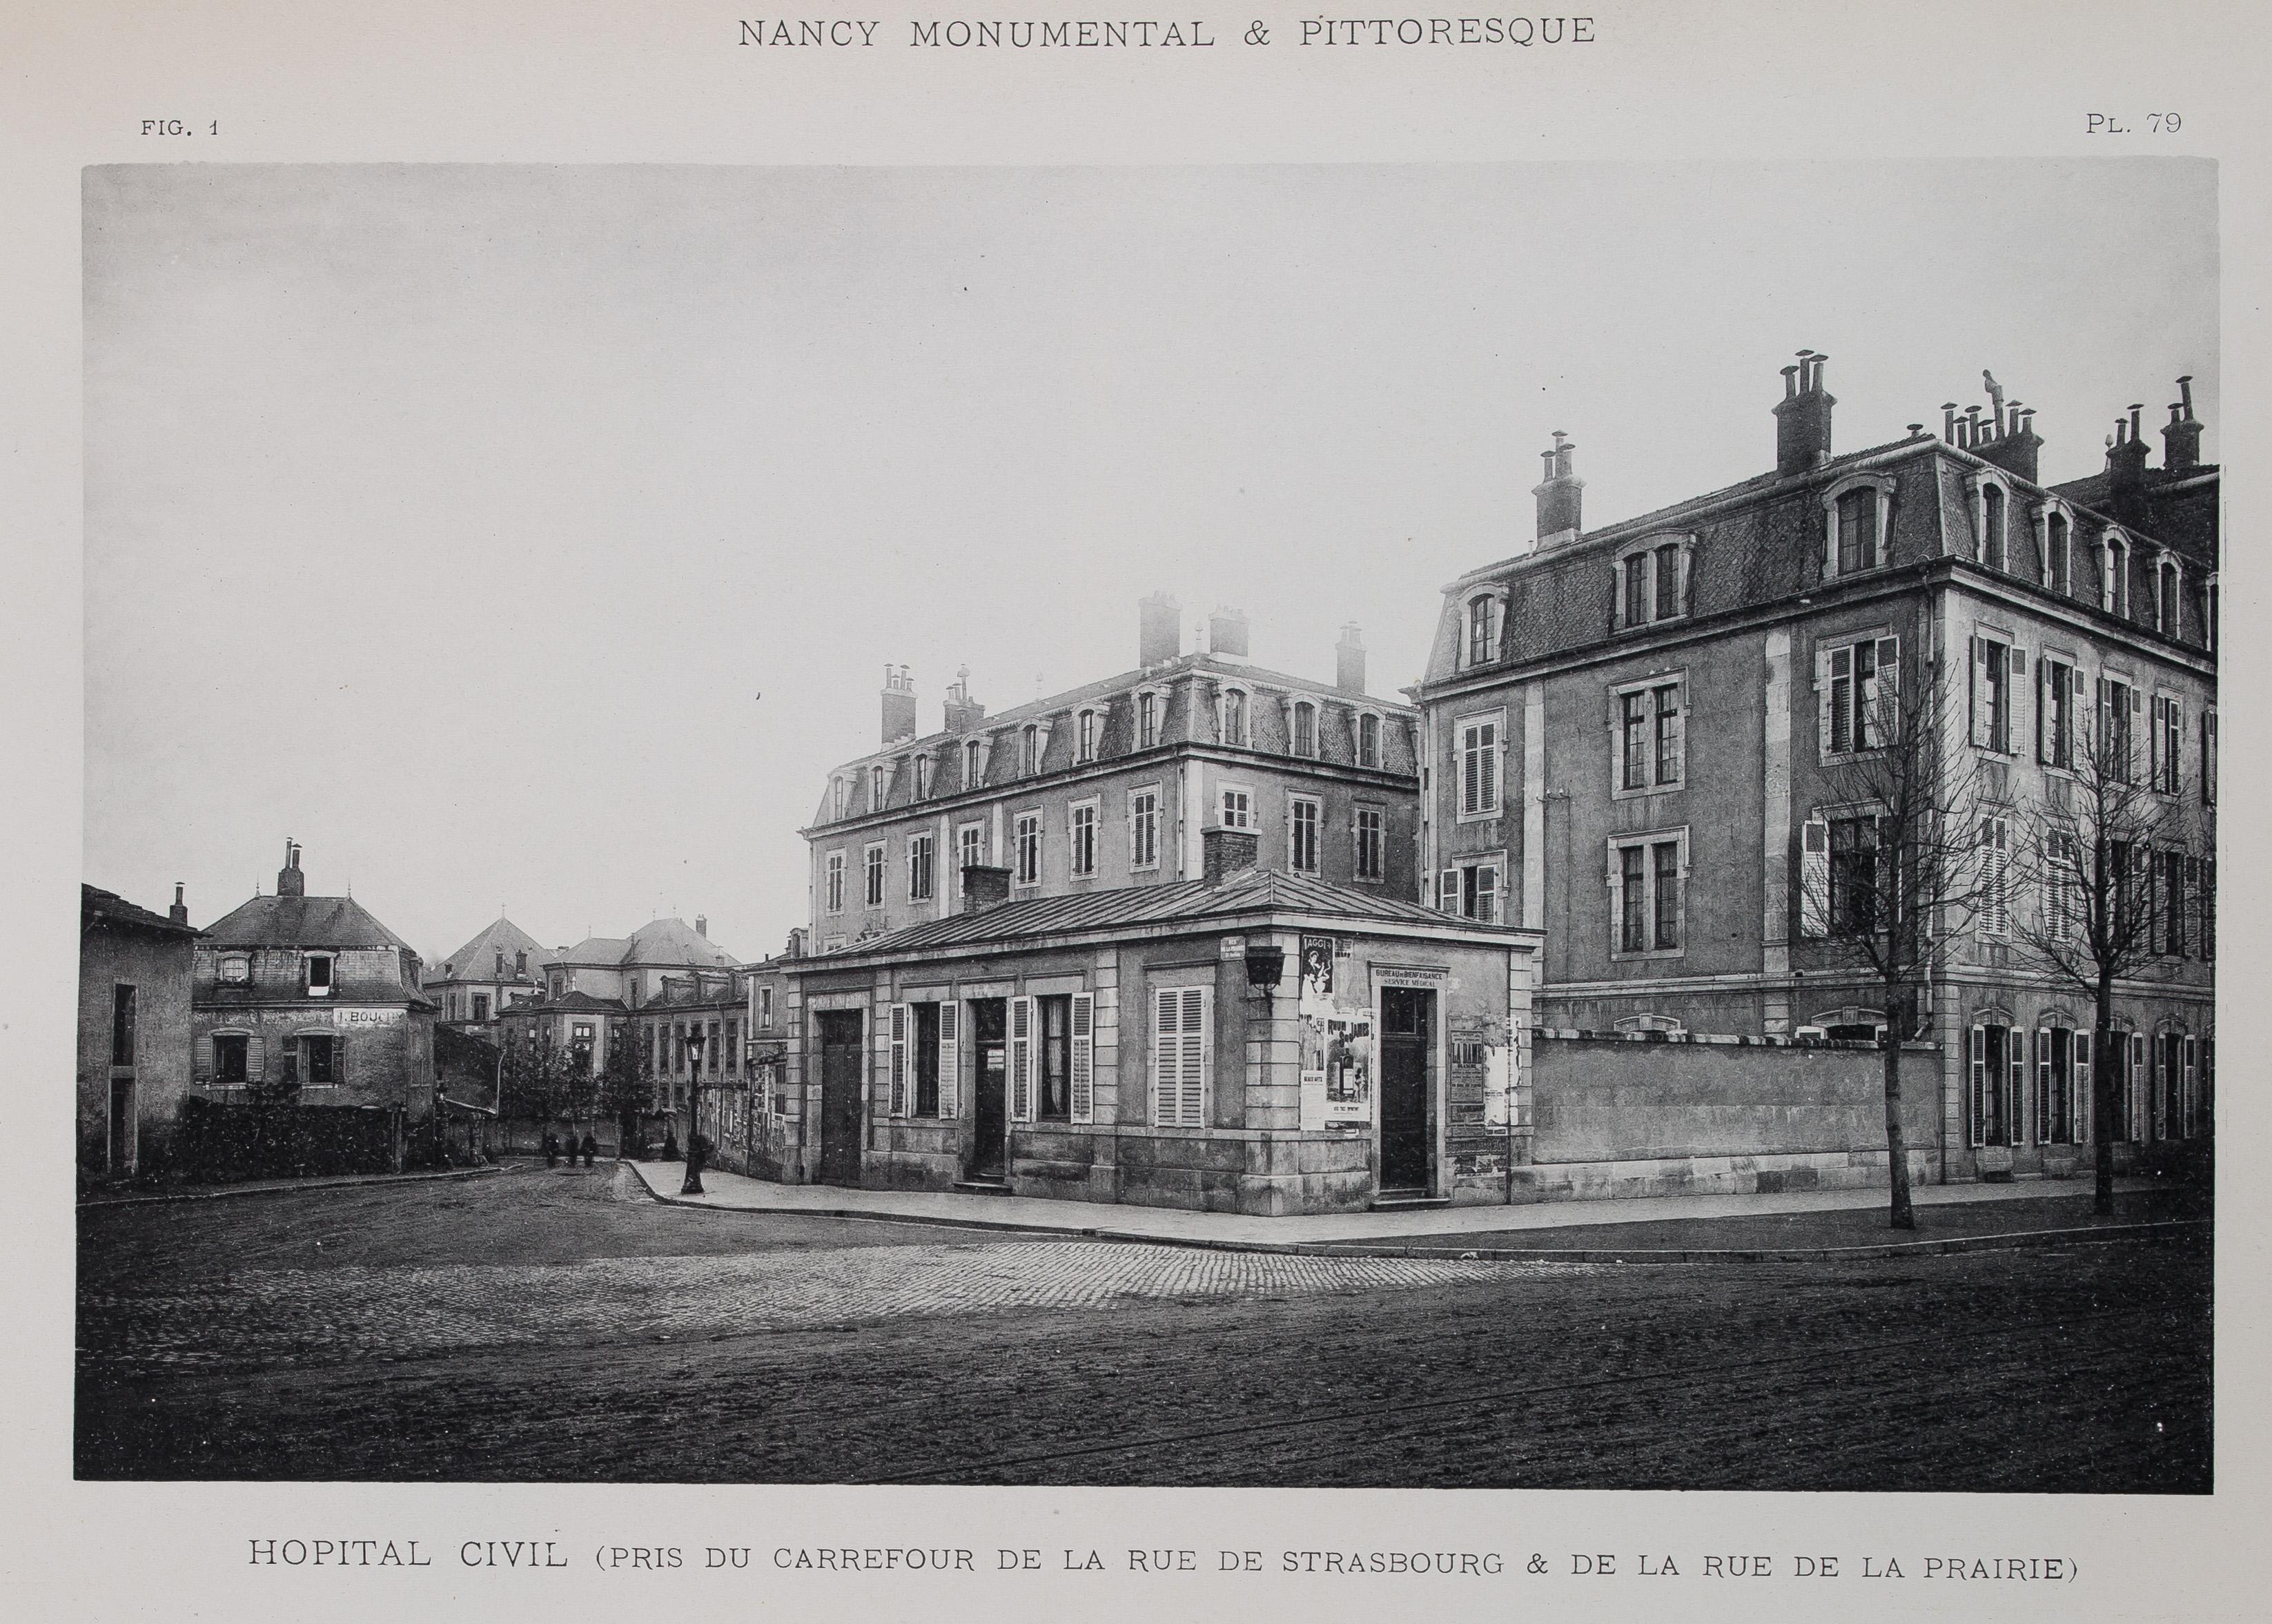 Hôpital civil, Nancy monumental et pittoresque (70 038)